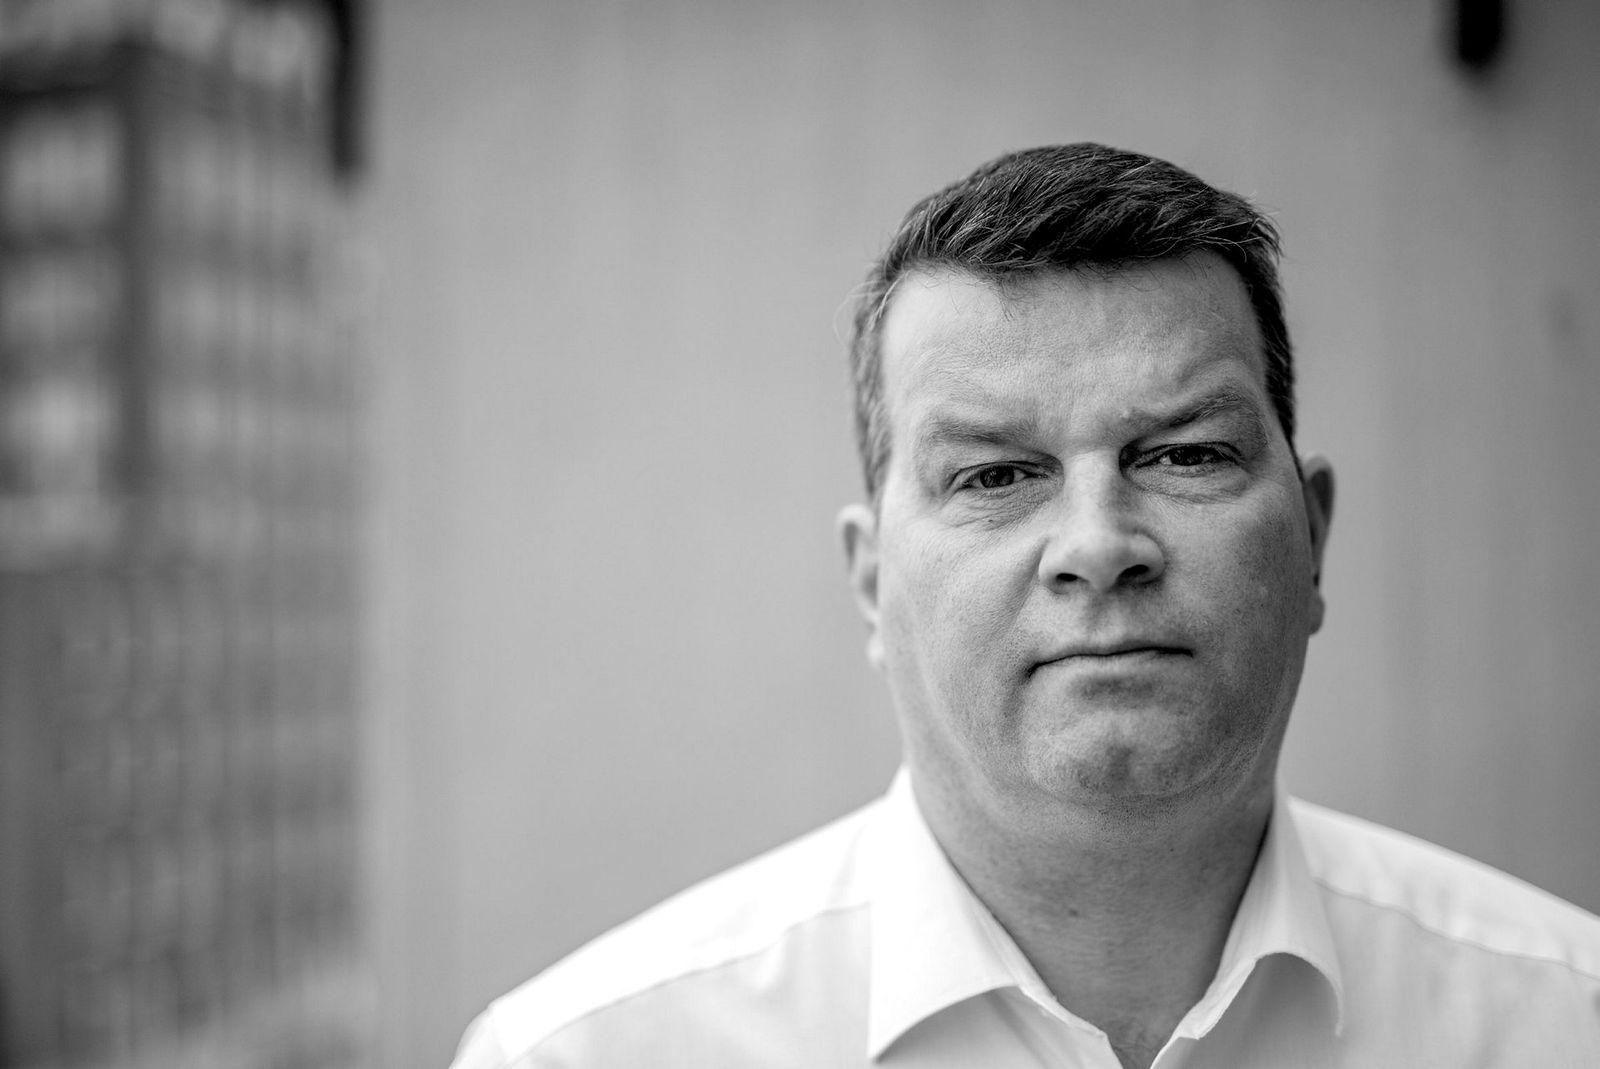 Hans-Christian Gabrielsen